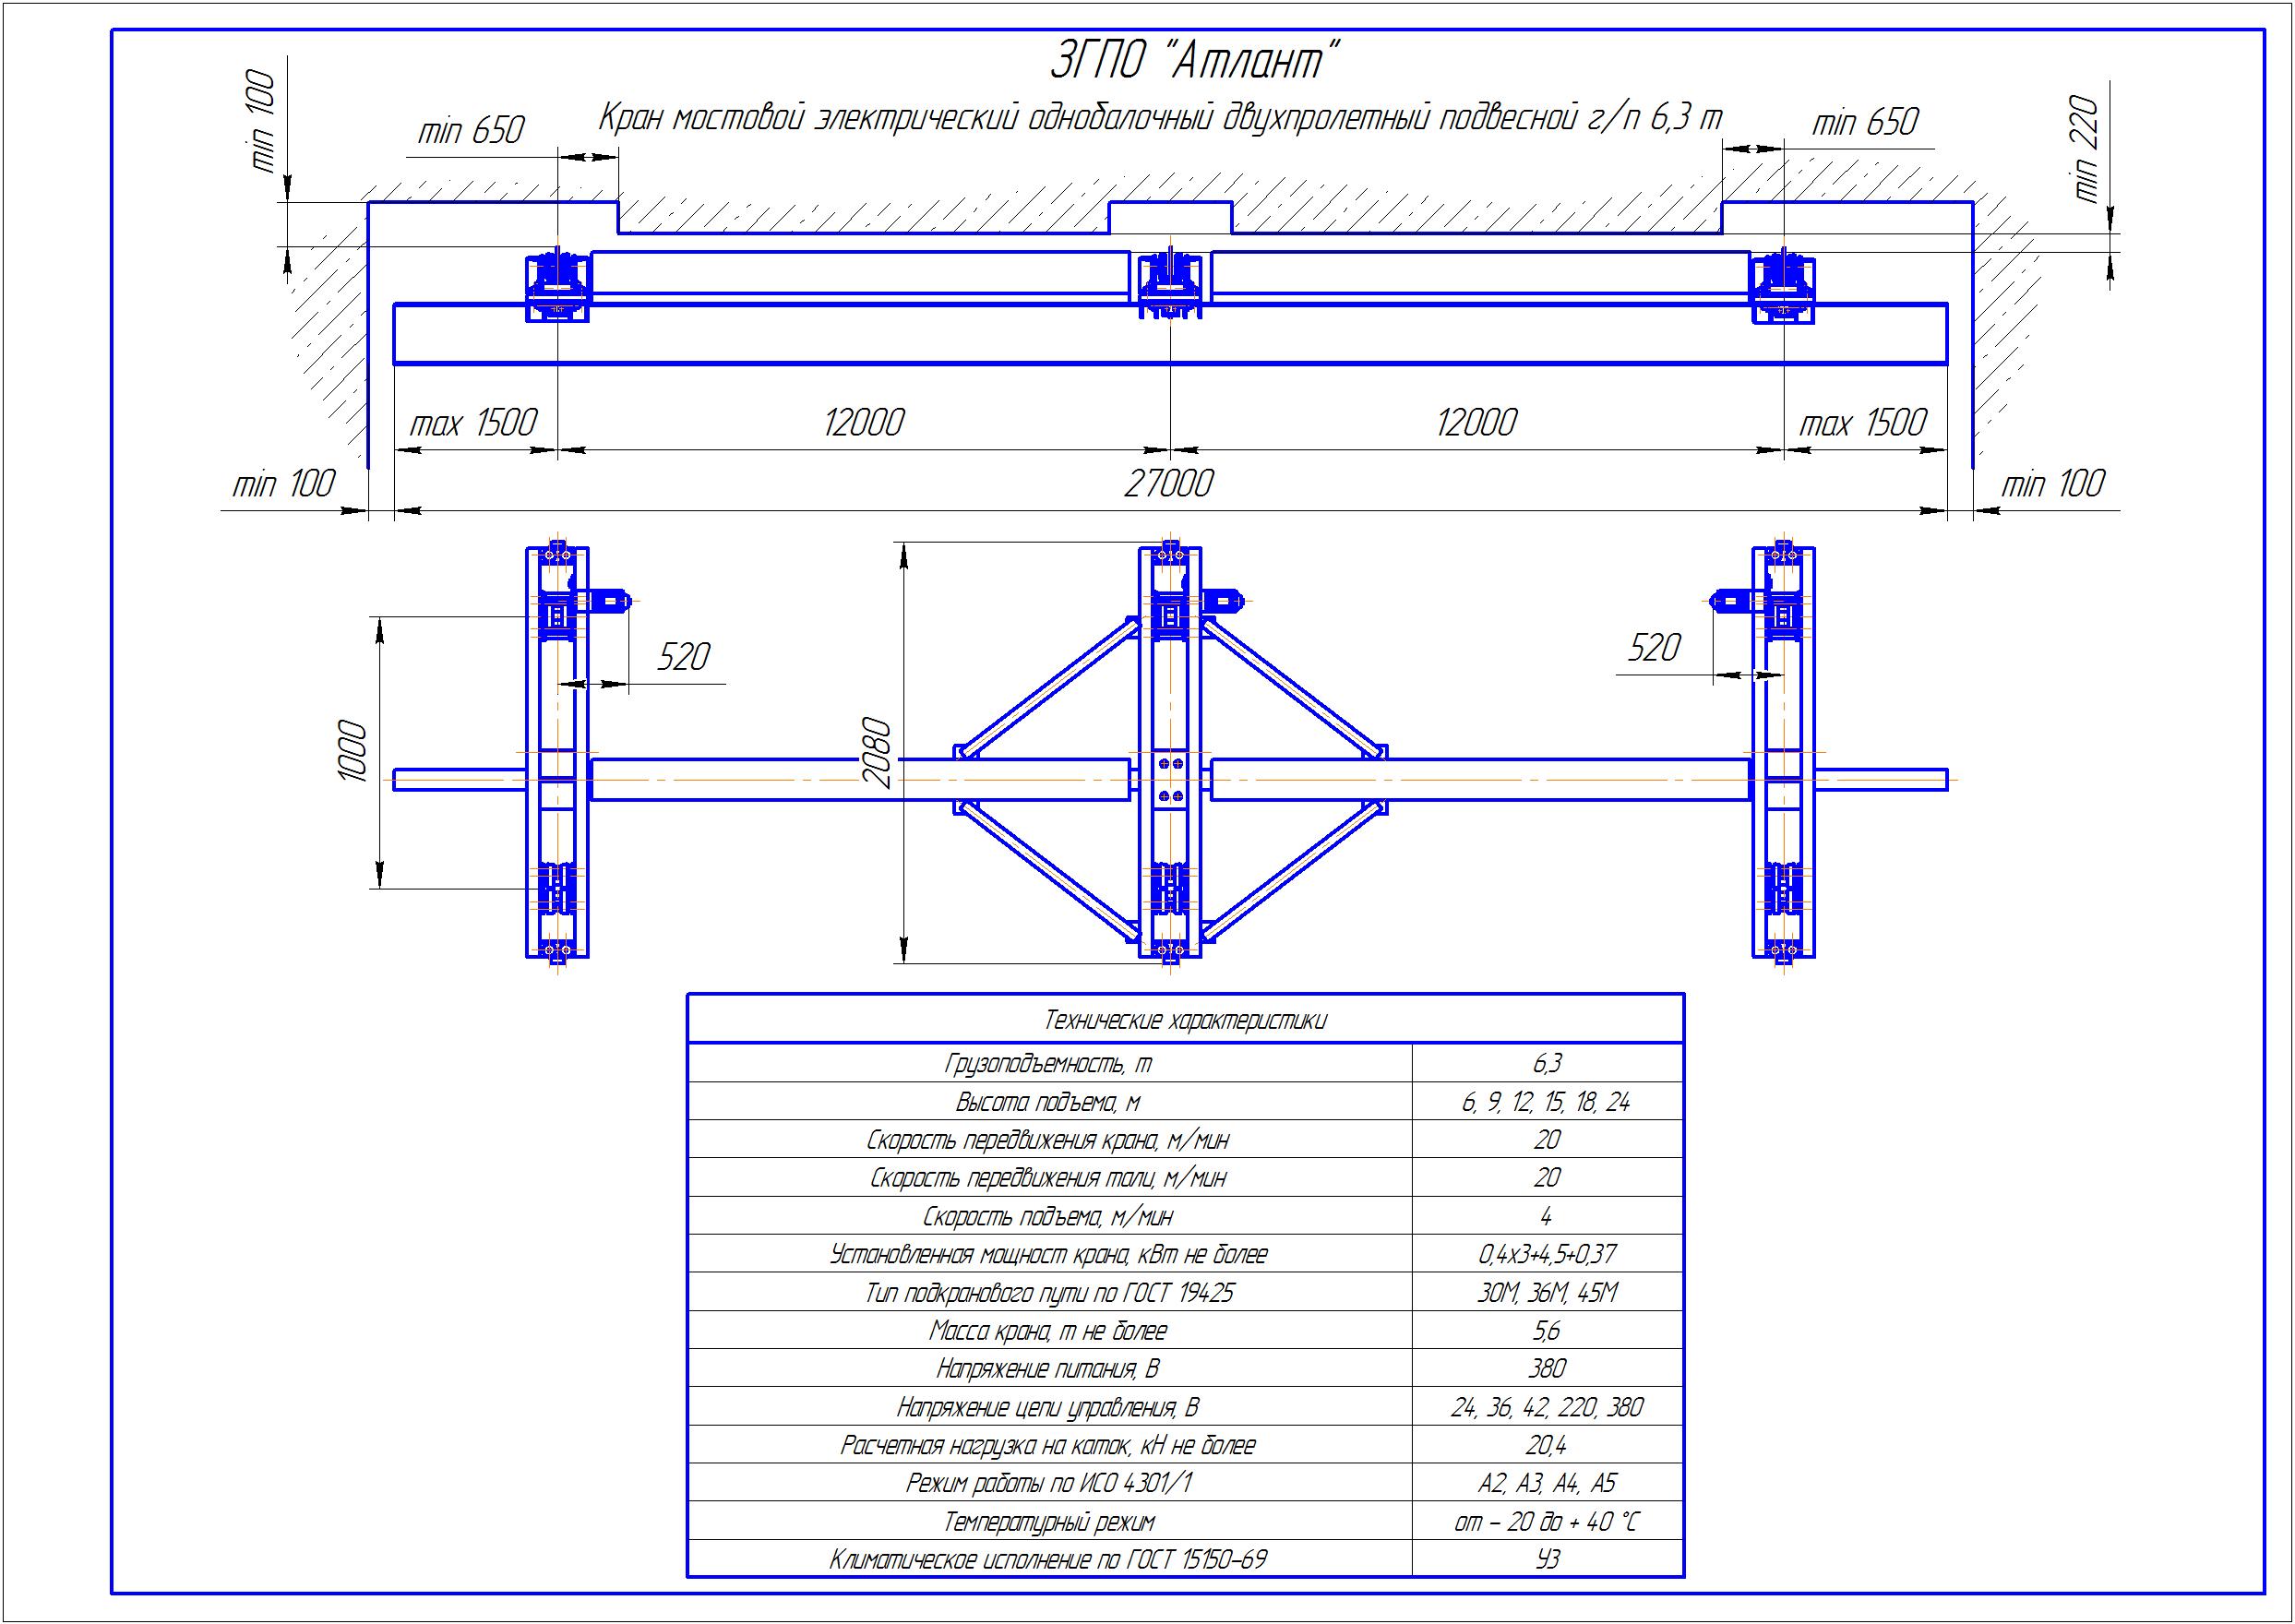 KBPD 5 4 - Подвесная кран балка двухпролетная